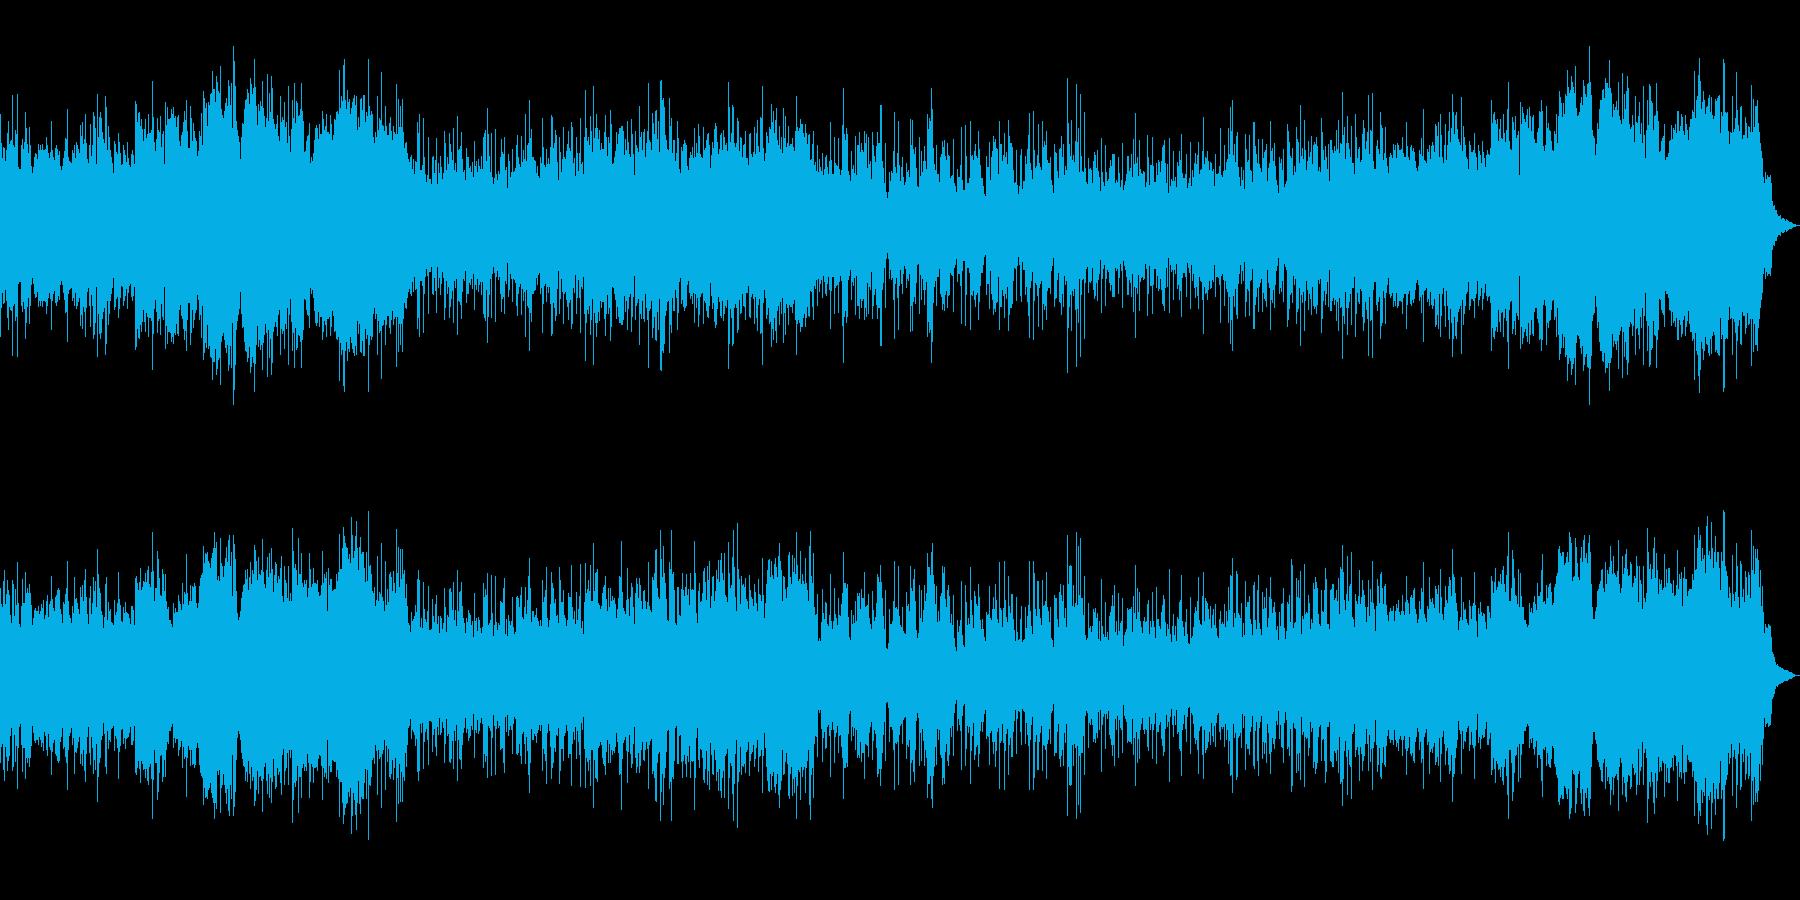 ダーク、ホラーな背景 ドラム入りBGMの再生済みの波形